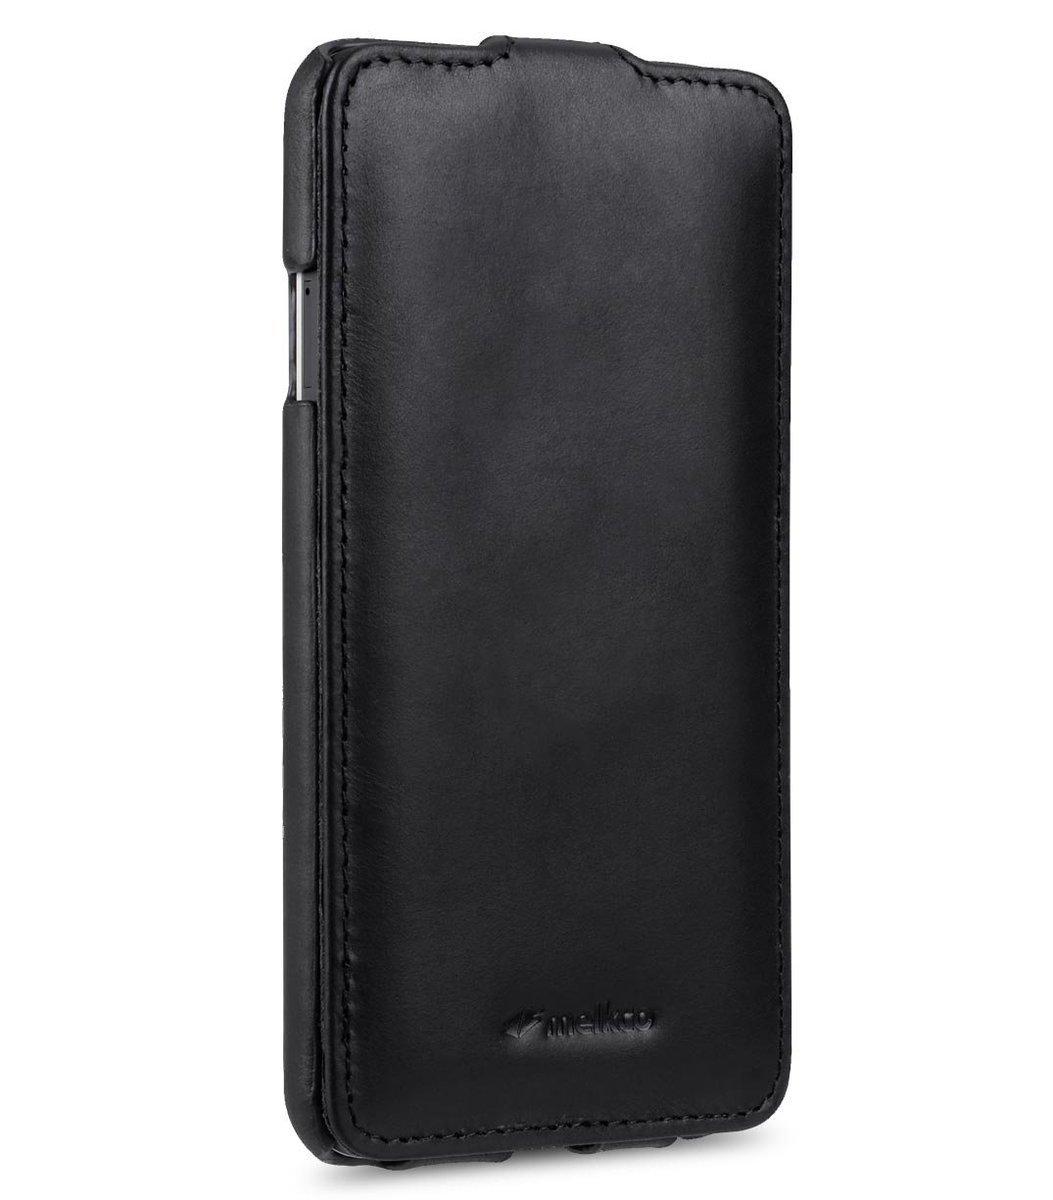 Huawei Nexus 6P Jacka Type高級真皮手機套-瘋馬黑色